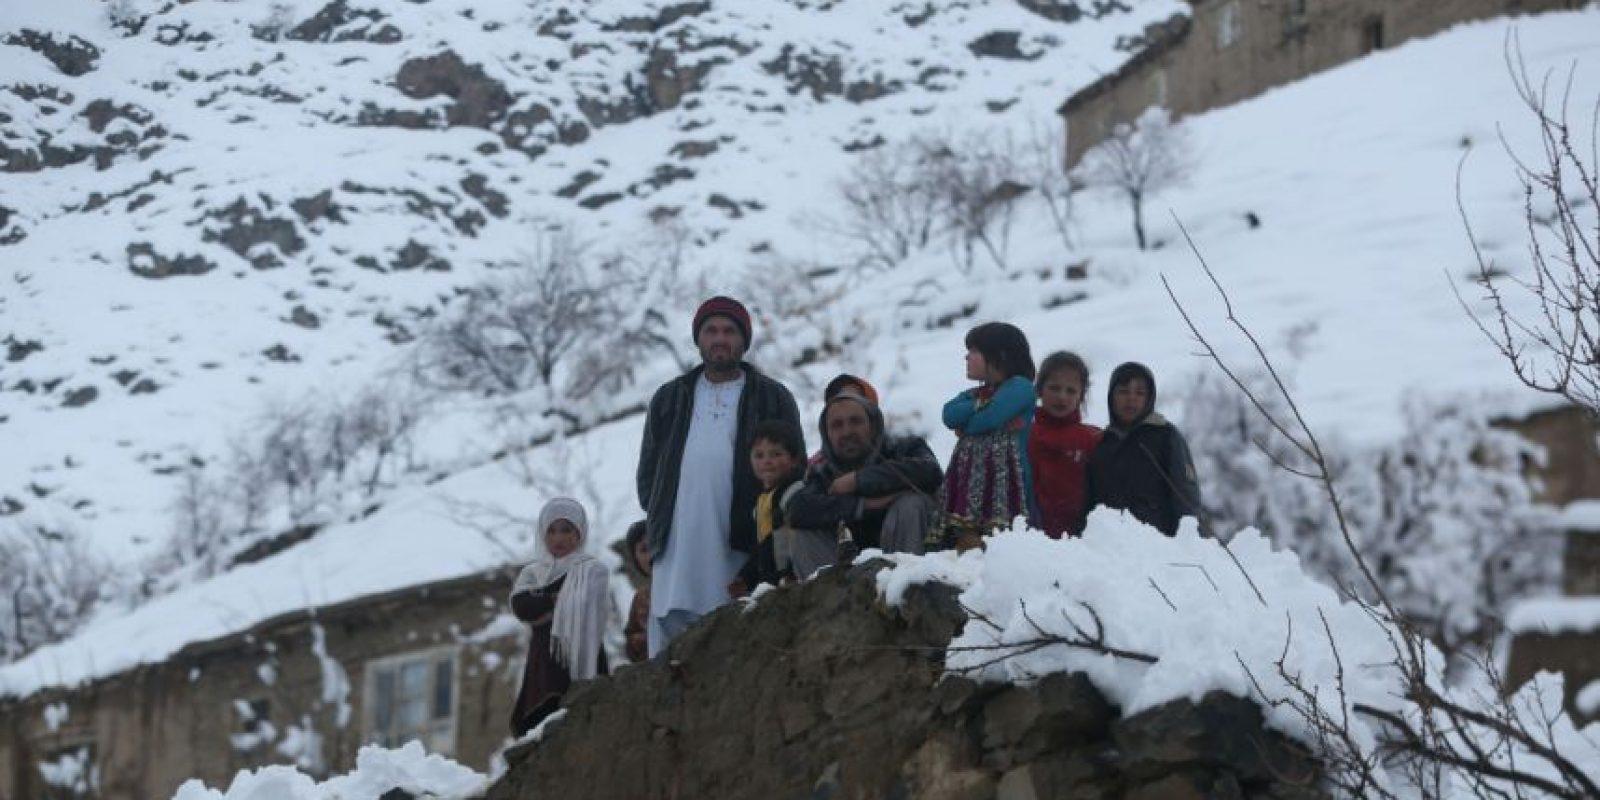 Afganistán, otro de los países golpeados por el frío. Foto:AP